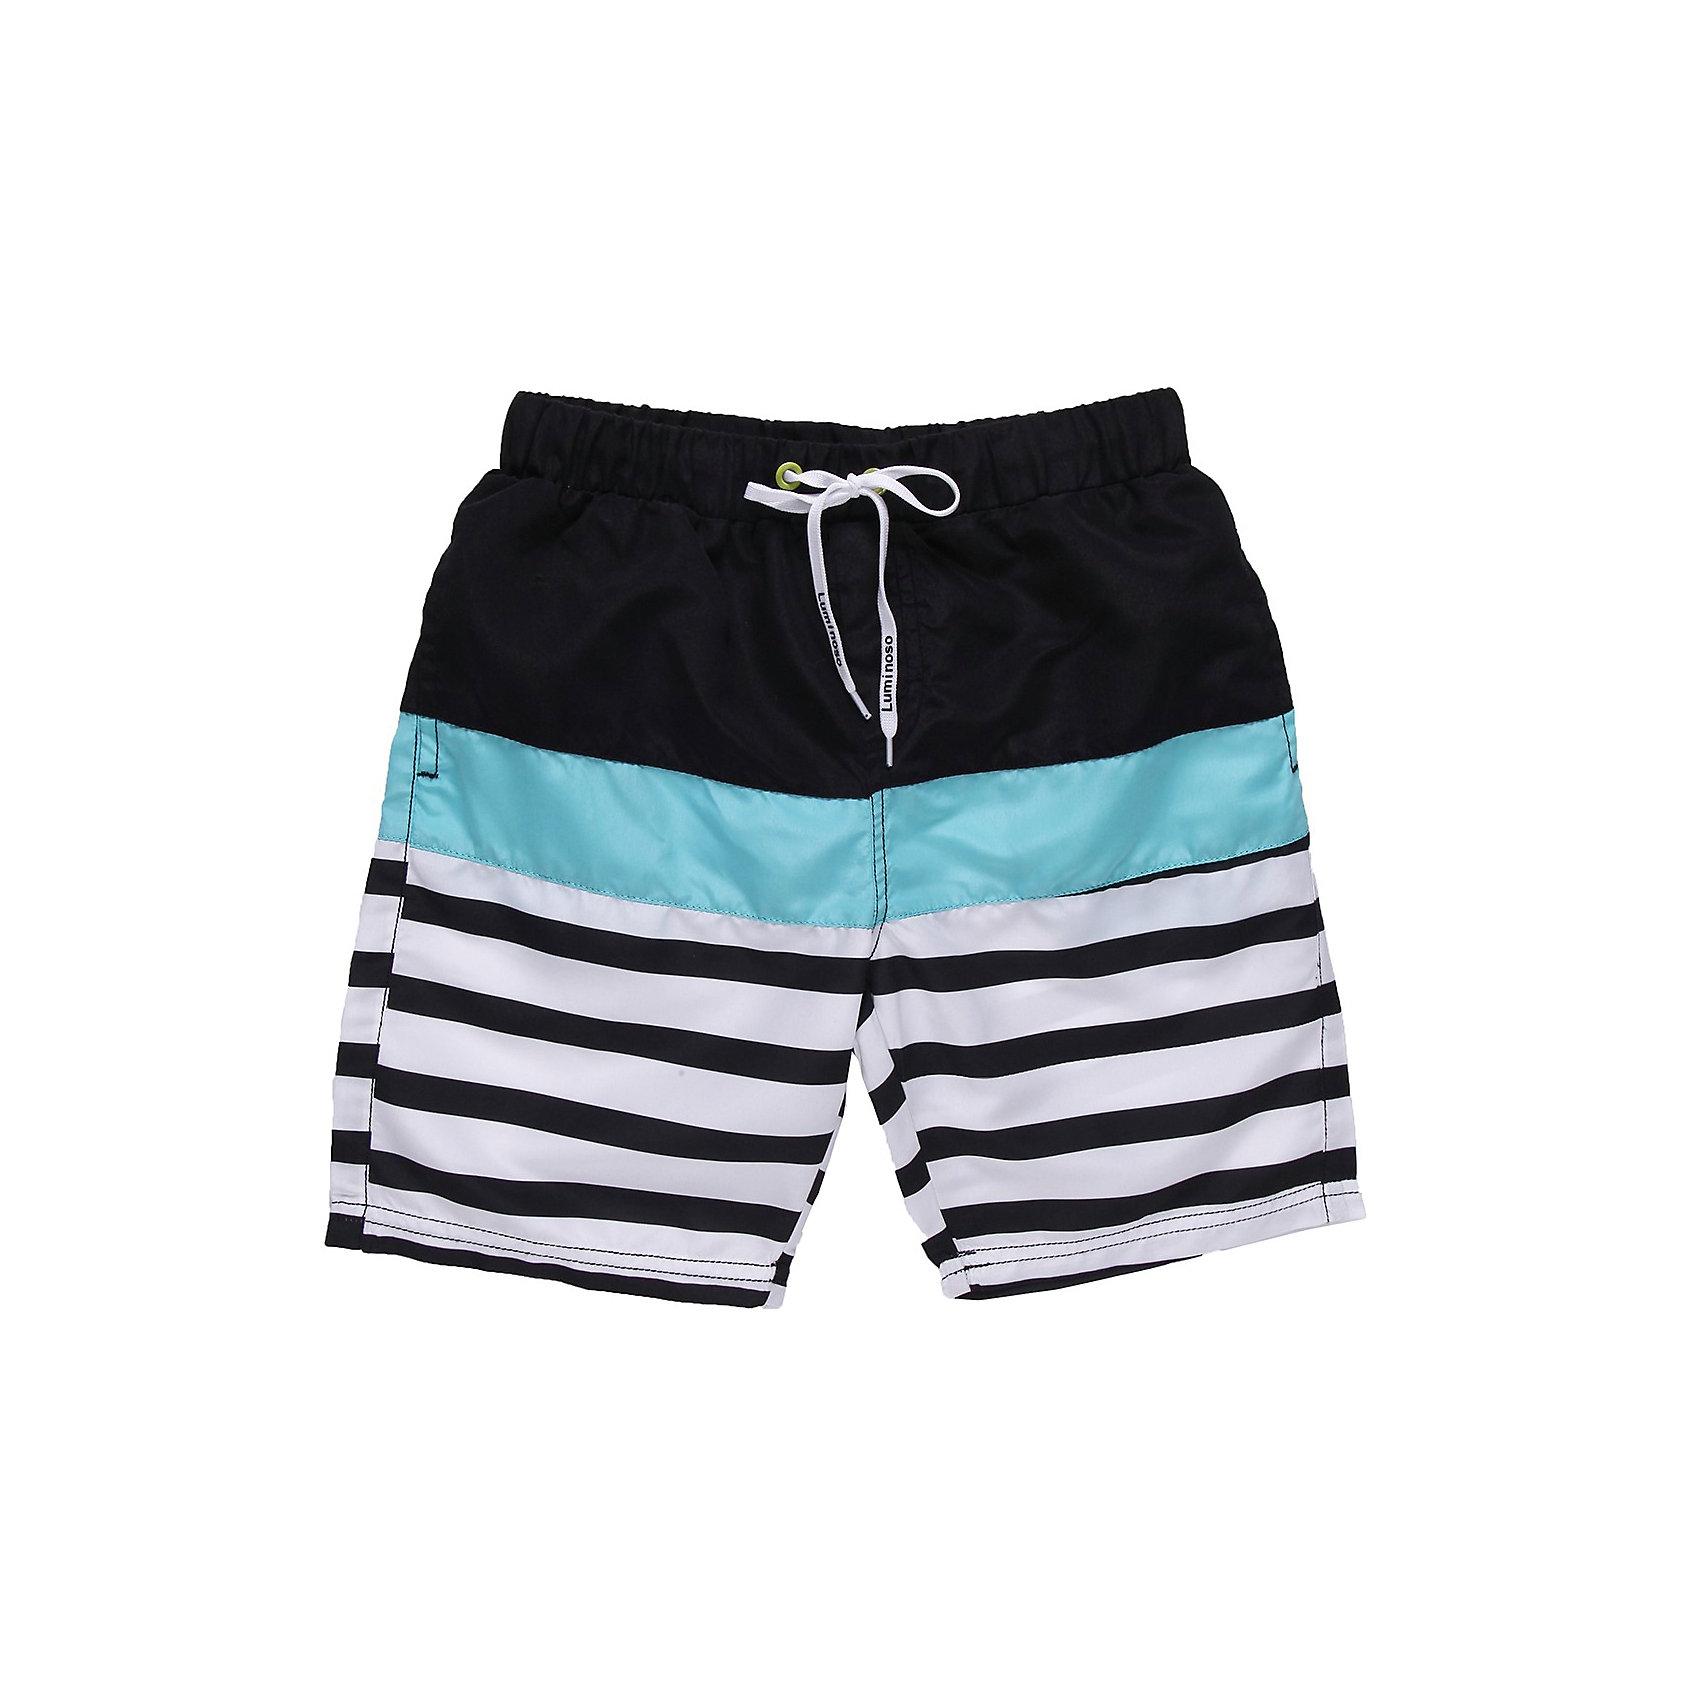 Шорты купальные для мальчика LuminosoКупальники и плавки<br>Яркие пляжные шорты . Эластичный пояс на резинке, регулируется шнурком<br>Состав:<br>100% полиэстер<br><br>Ширина мм: 183<br>Глубина мм: 60<br>Высота мм: 135<br>Вес г: 119<br>Цвет: синий/белый<br>Возраст от месяцев: 156<br>Возраст до месяцев: 168<br>Пол: Мужской<br>Возраст: Детский<br>Размер: 164,140,152,134,146,158<br>SKU: 4523244